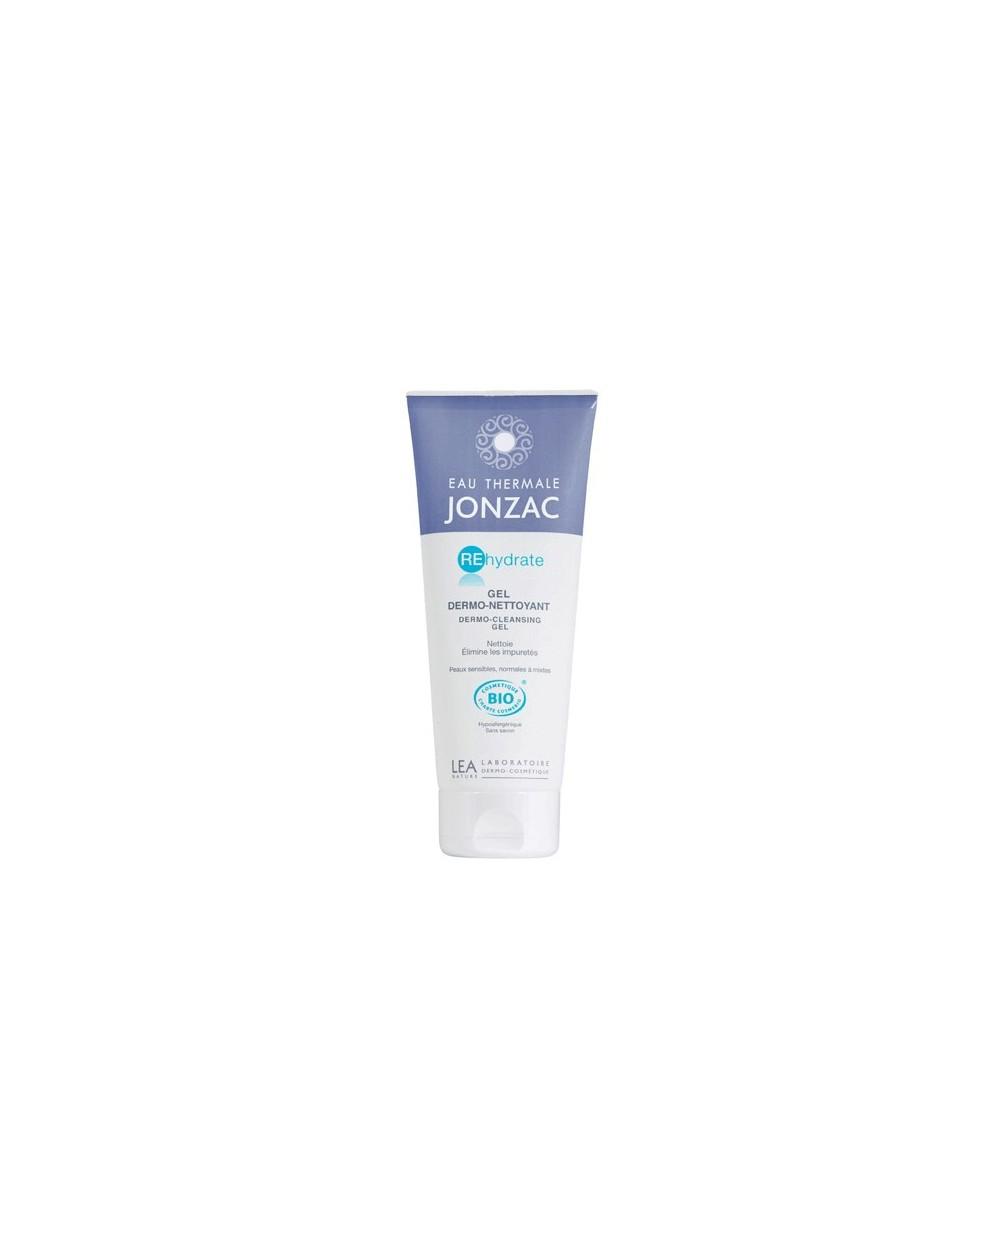 Eau Thermale Jonzac - REHIDRATE - Gel dermo-detergente reidratante